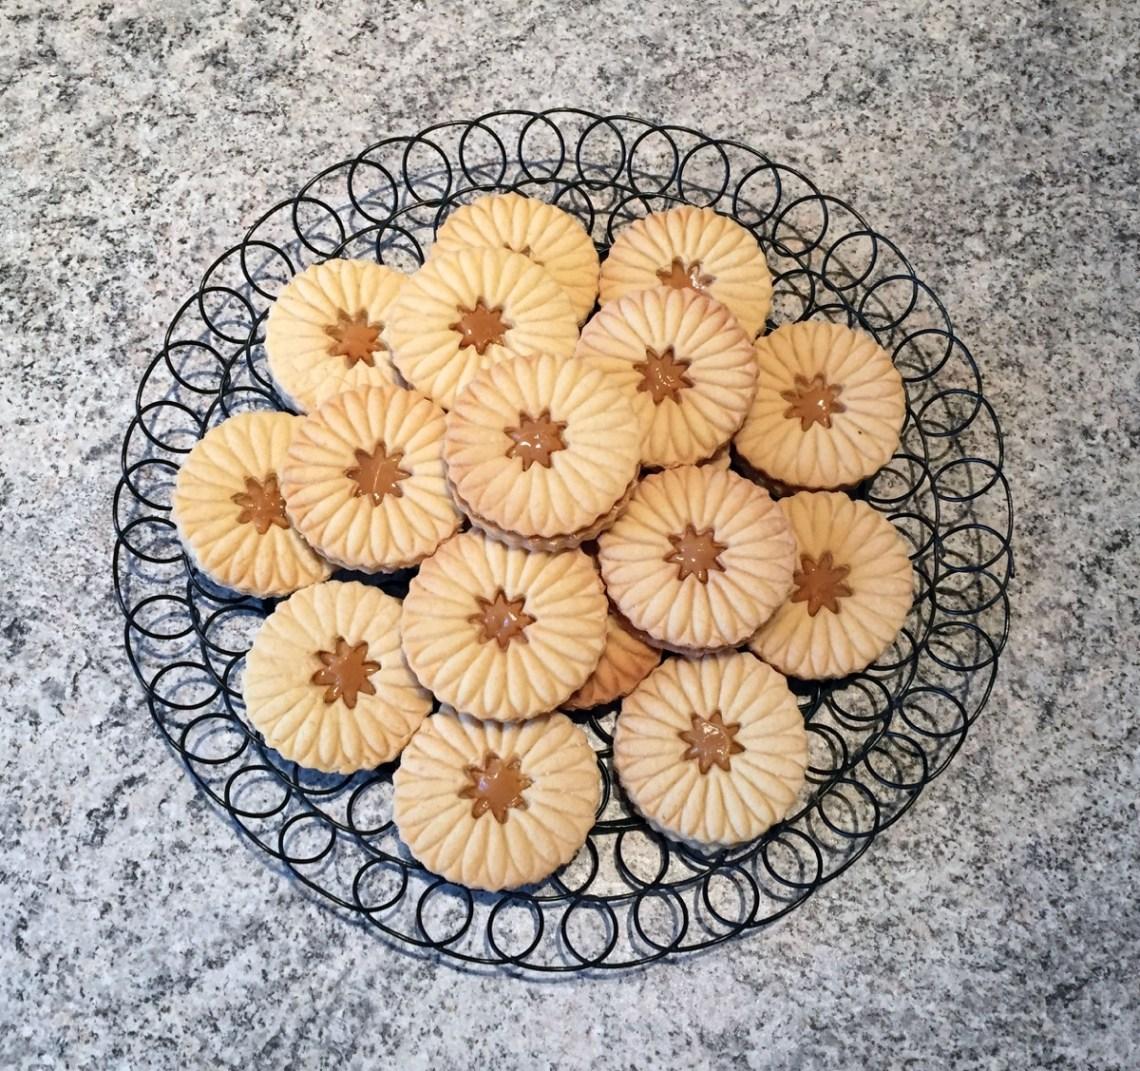 sables confiture lait 2 - Petits sablés fourrés ou pas (recette Companion)